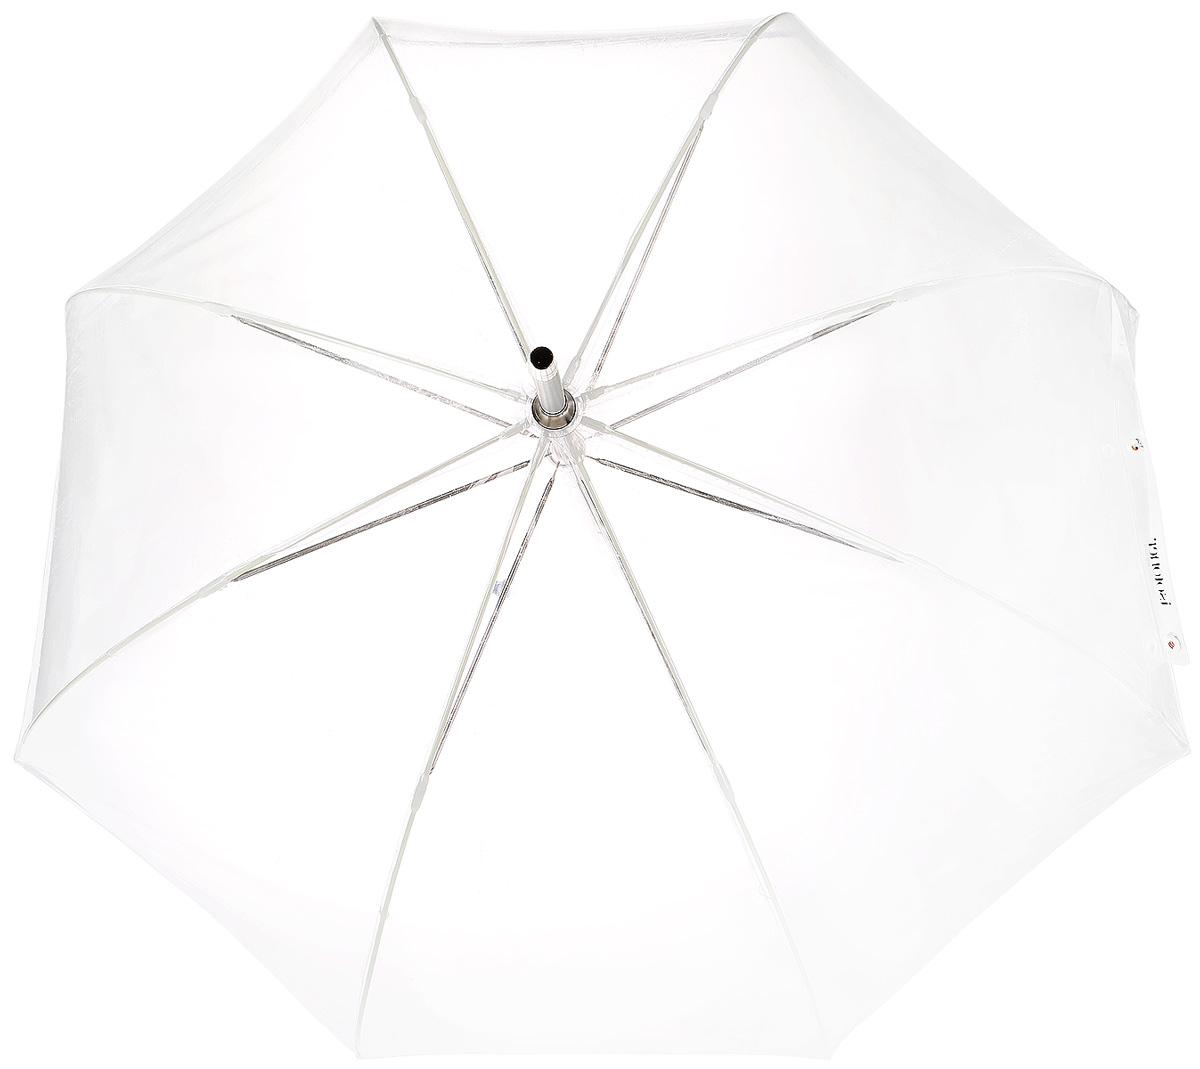 Зонт-трость женский Isotoner, механический, цвет: прозрачный. 09357-9818Серьги с подвескамиМеханический зонт-трость Isotoner оформлен изображением логотипа производителя.Он оснащен надежным металлическим каркасом с восьмью спицами из алюминия. Купол изготовлен из ПВХ.Модель застегивается с помощью хлястика на кнопку.Эргономичная рукоятка выполнена из пластика.Такой зонт не только надежно защитит вас от дождя, но и станет стильным аксессуаром, который идеально подчеркнет ваш образ.